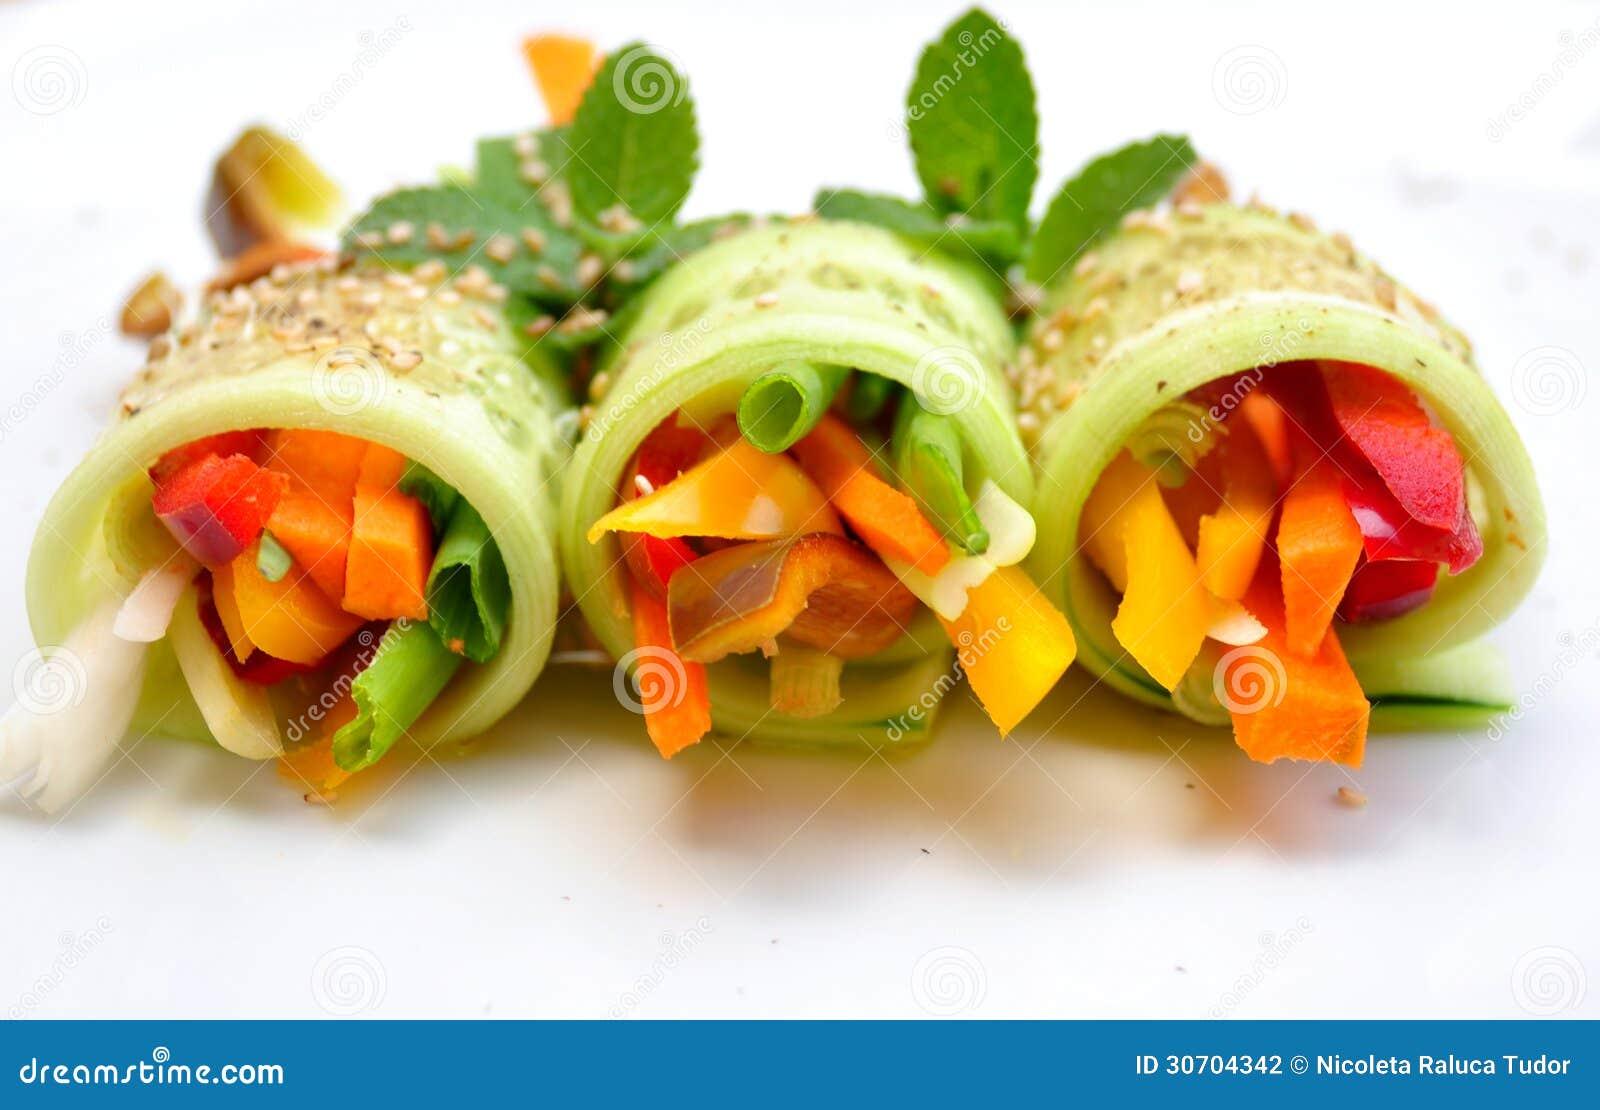 recette crue de nourriture avec le concombre le poivre l 39 oignon et la carotte photo stock. Black Bedroom Furniture Sets. Home Design Ideas